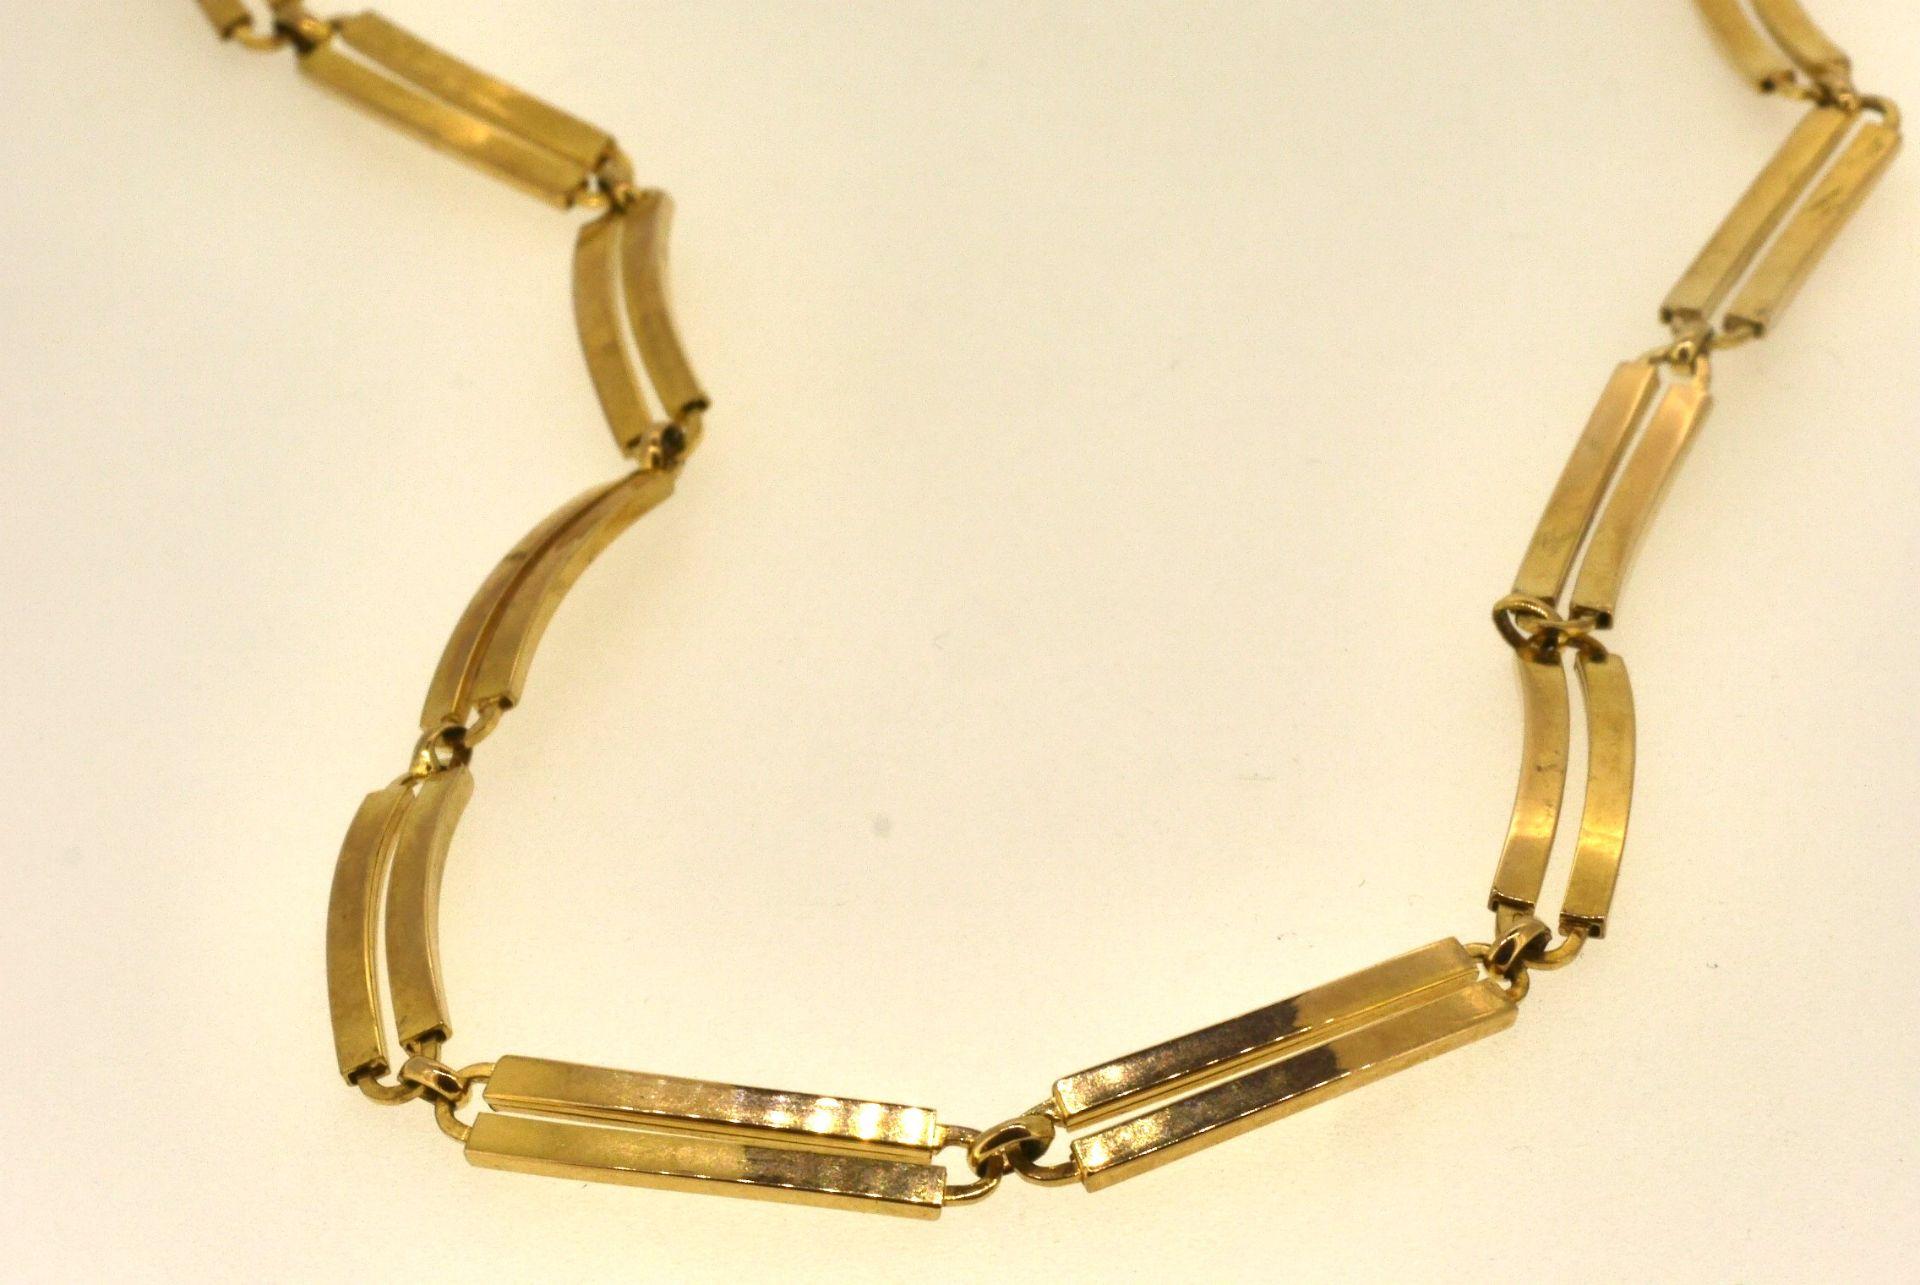 Collier GG 333, 12,25 Gramm